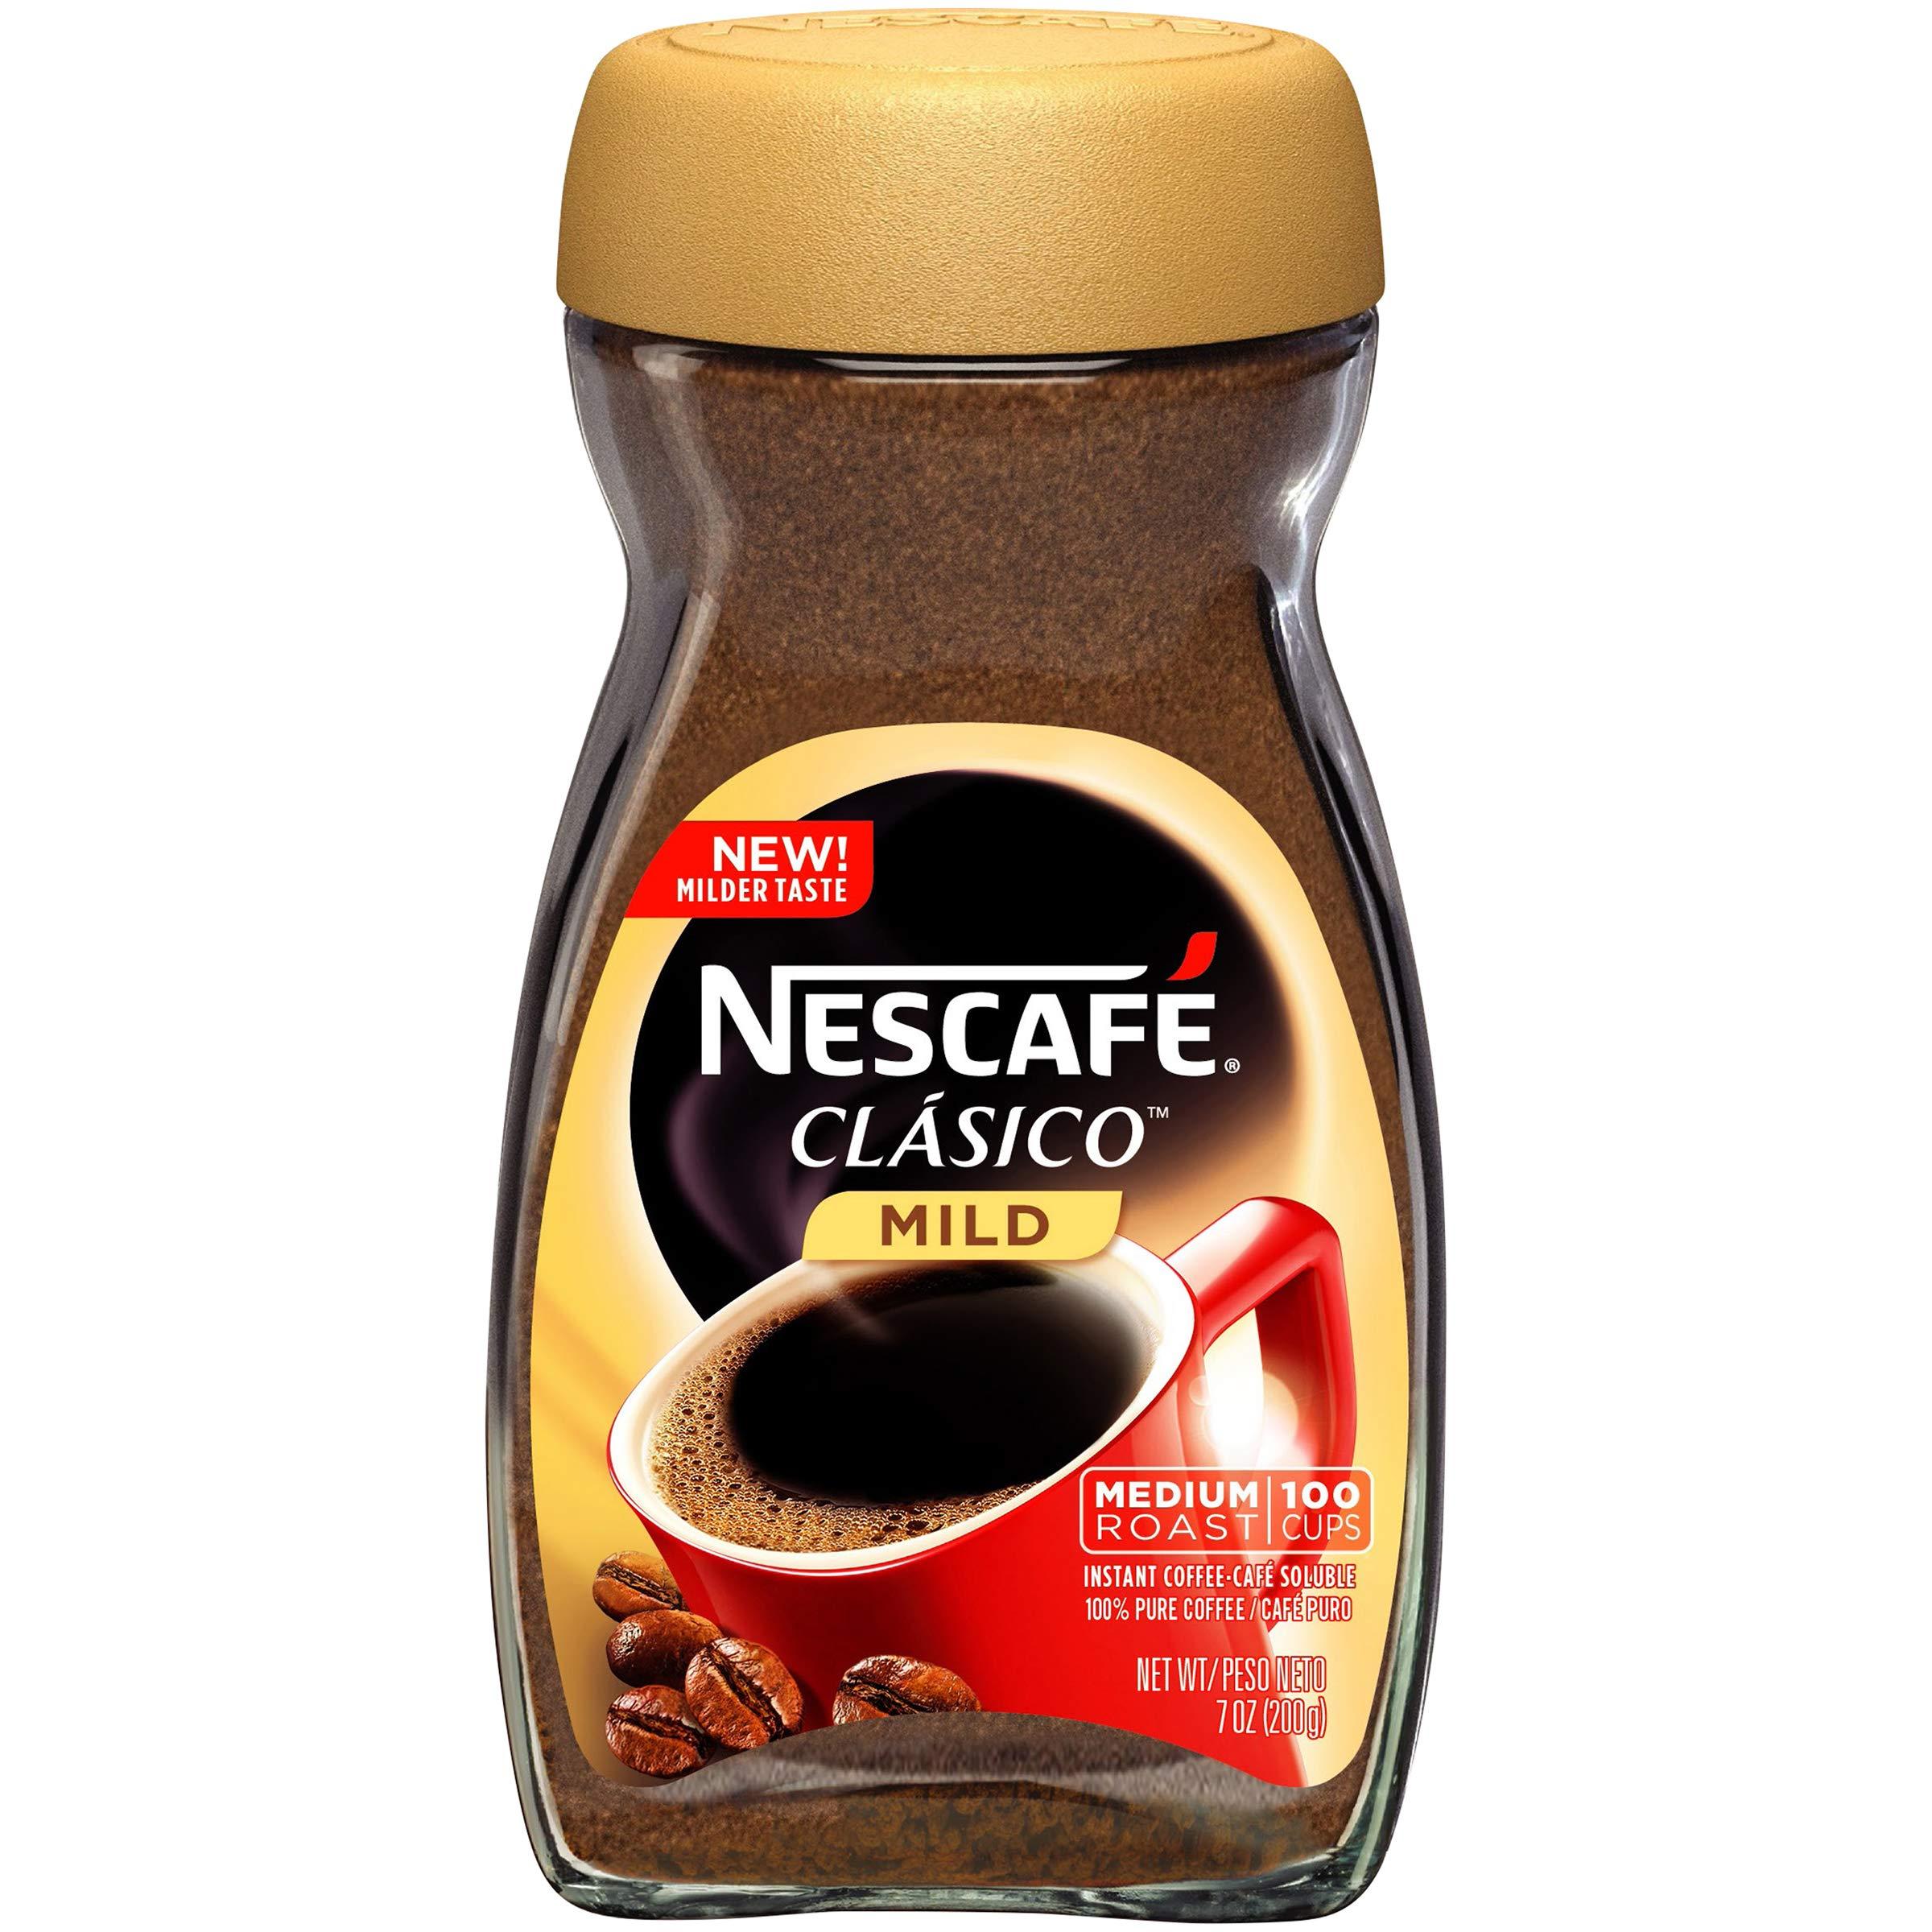 Nescafe Clasico Instant Coffee, Mild Medium Roast, 6Count